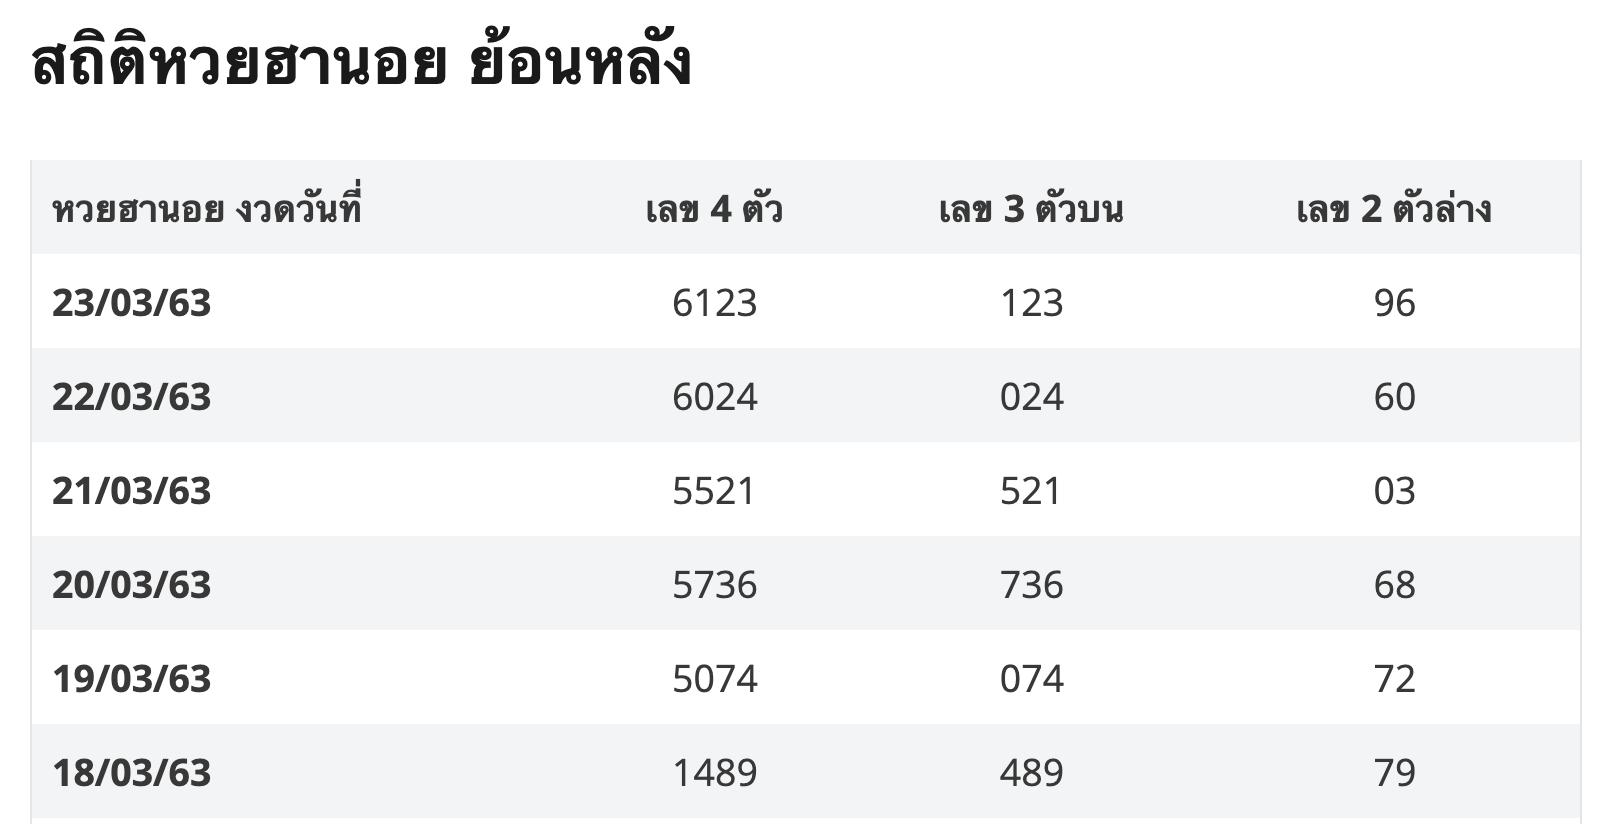 ตัวอย่าง-สถิติผลหวยฮานอยย้อนหลัง